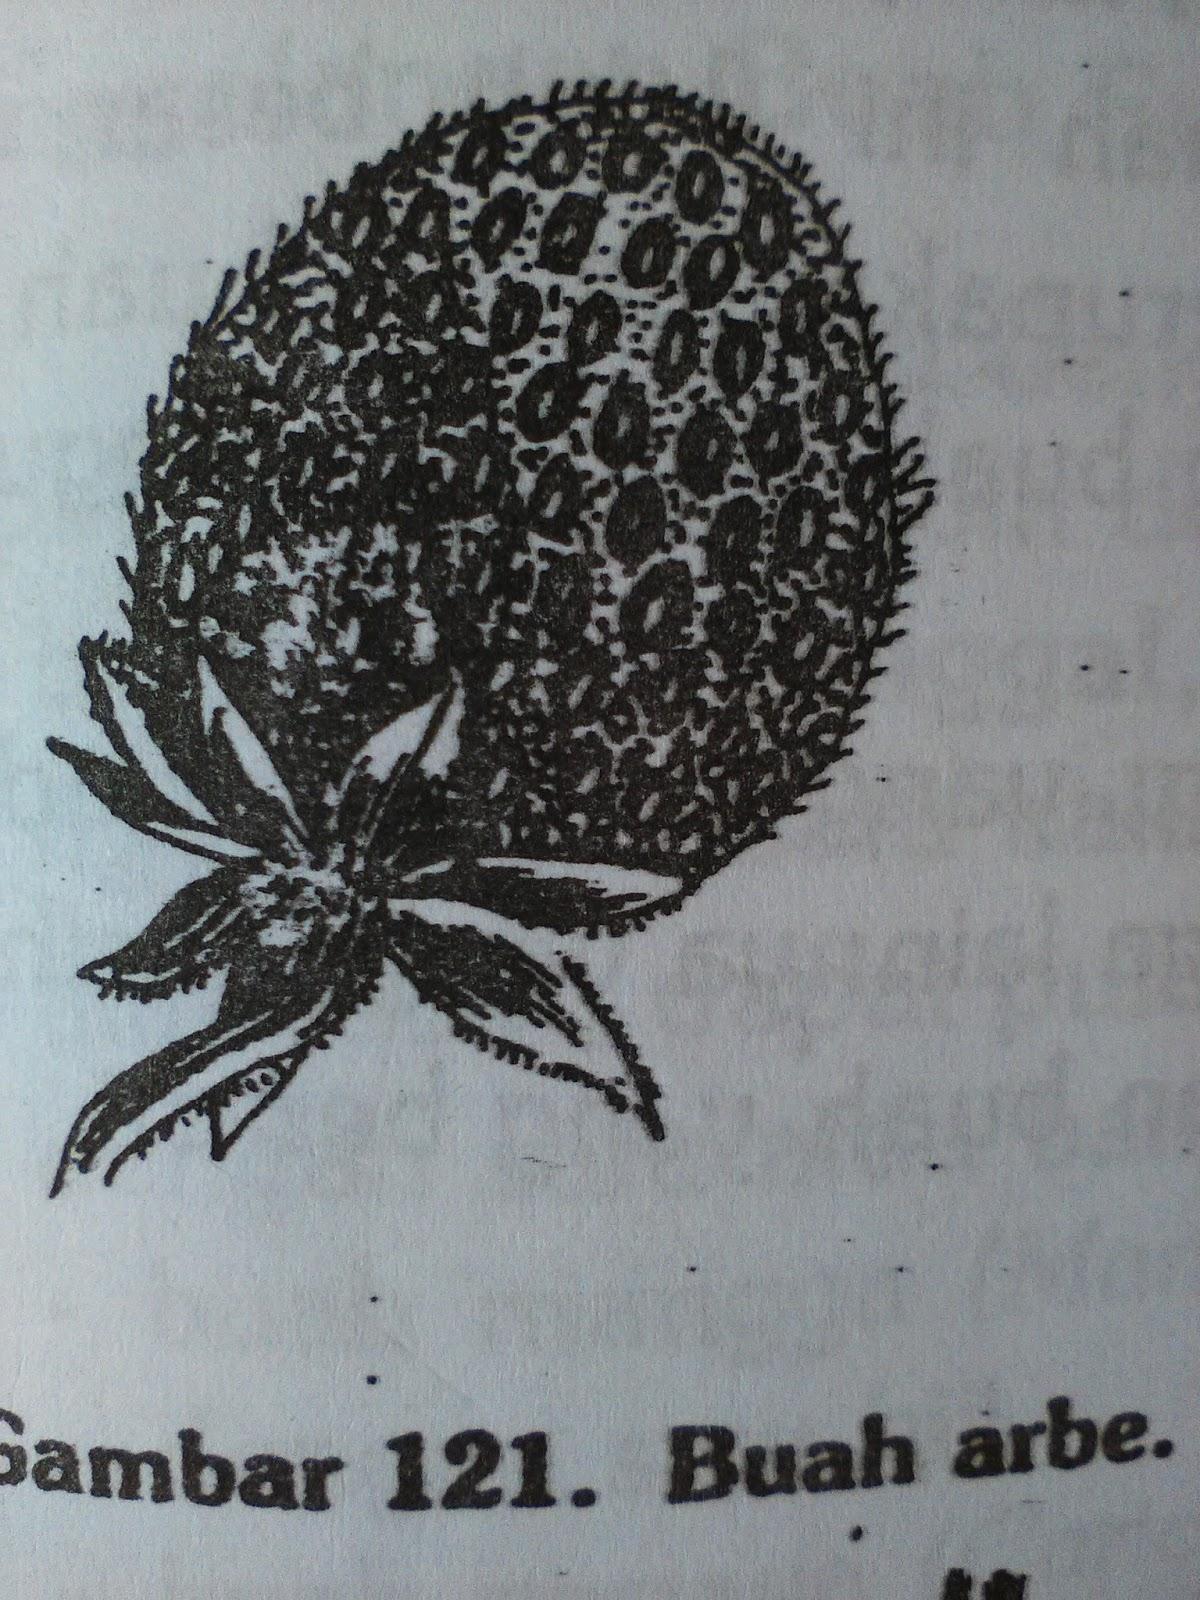 Bagian bagian bunga buah semu majemuk ialah buah semu yang terjadi dari bunga majemuk tetapi seluruhnya dari luar tampak seperti satu buah saja misalnya buah nangka ccuart Image collections